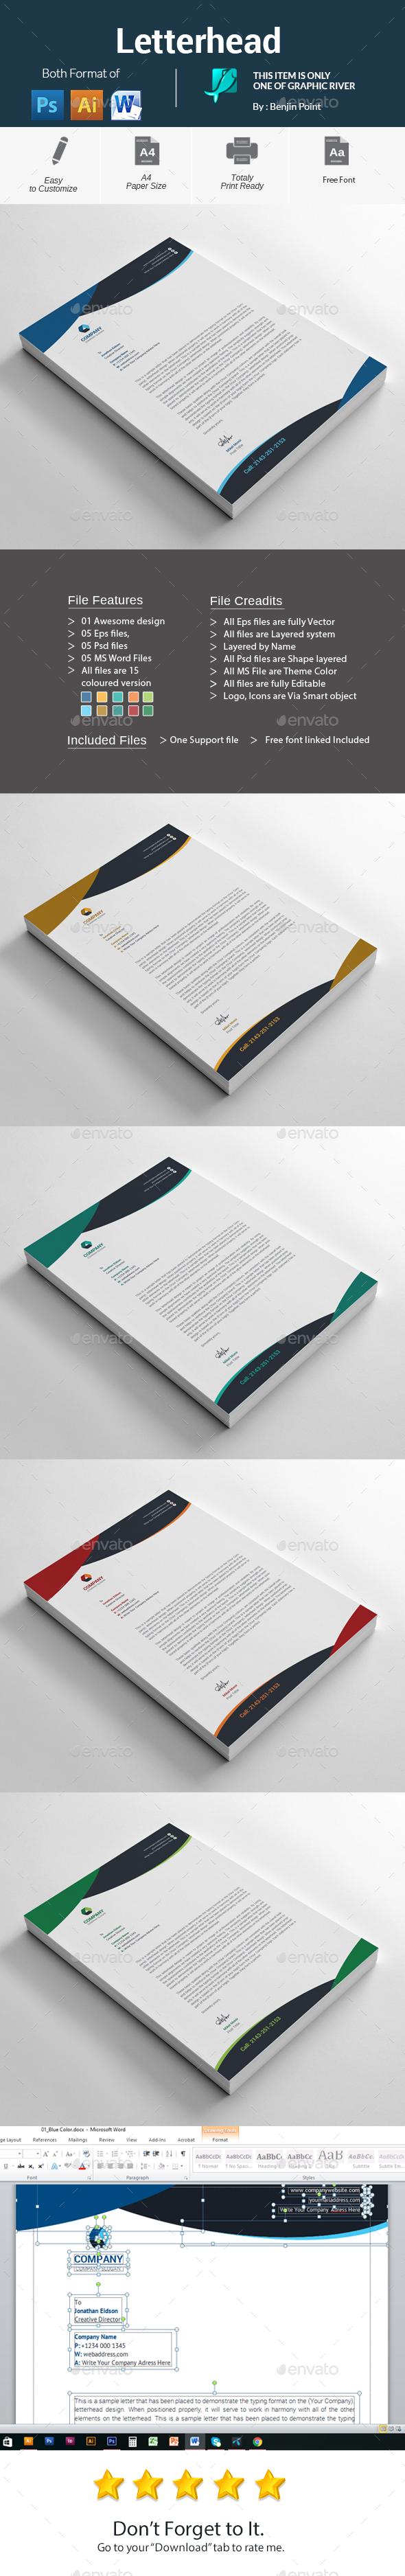 GraphicRiver Letterhead 20940157